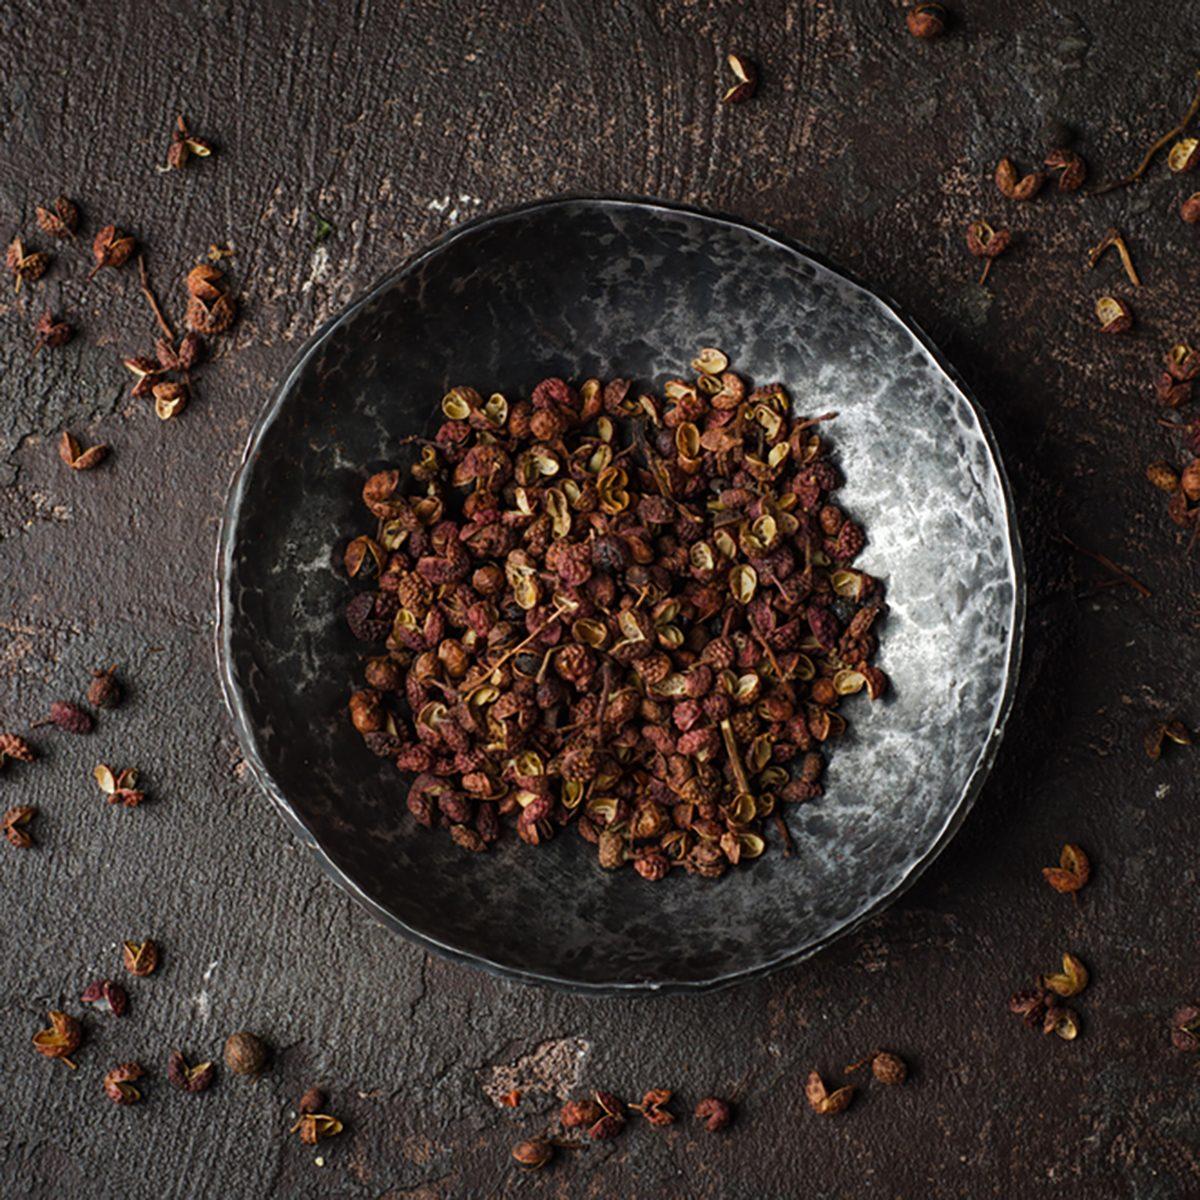 Szechuan peppercorns - Sichuan pepper in metal bowl on dark background. Selective focus